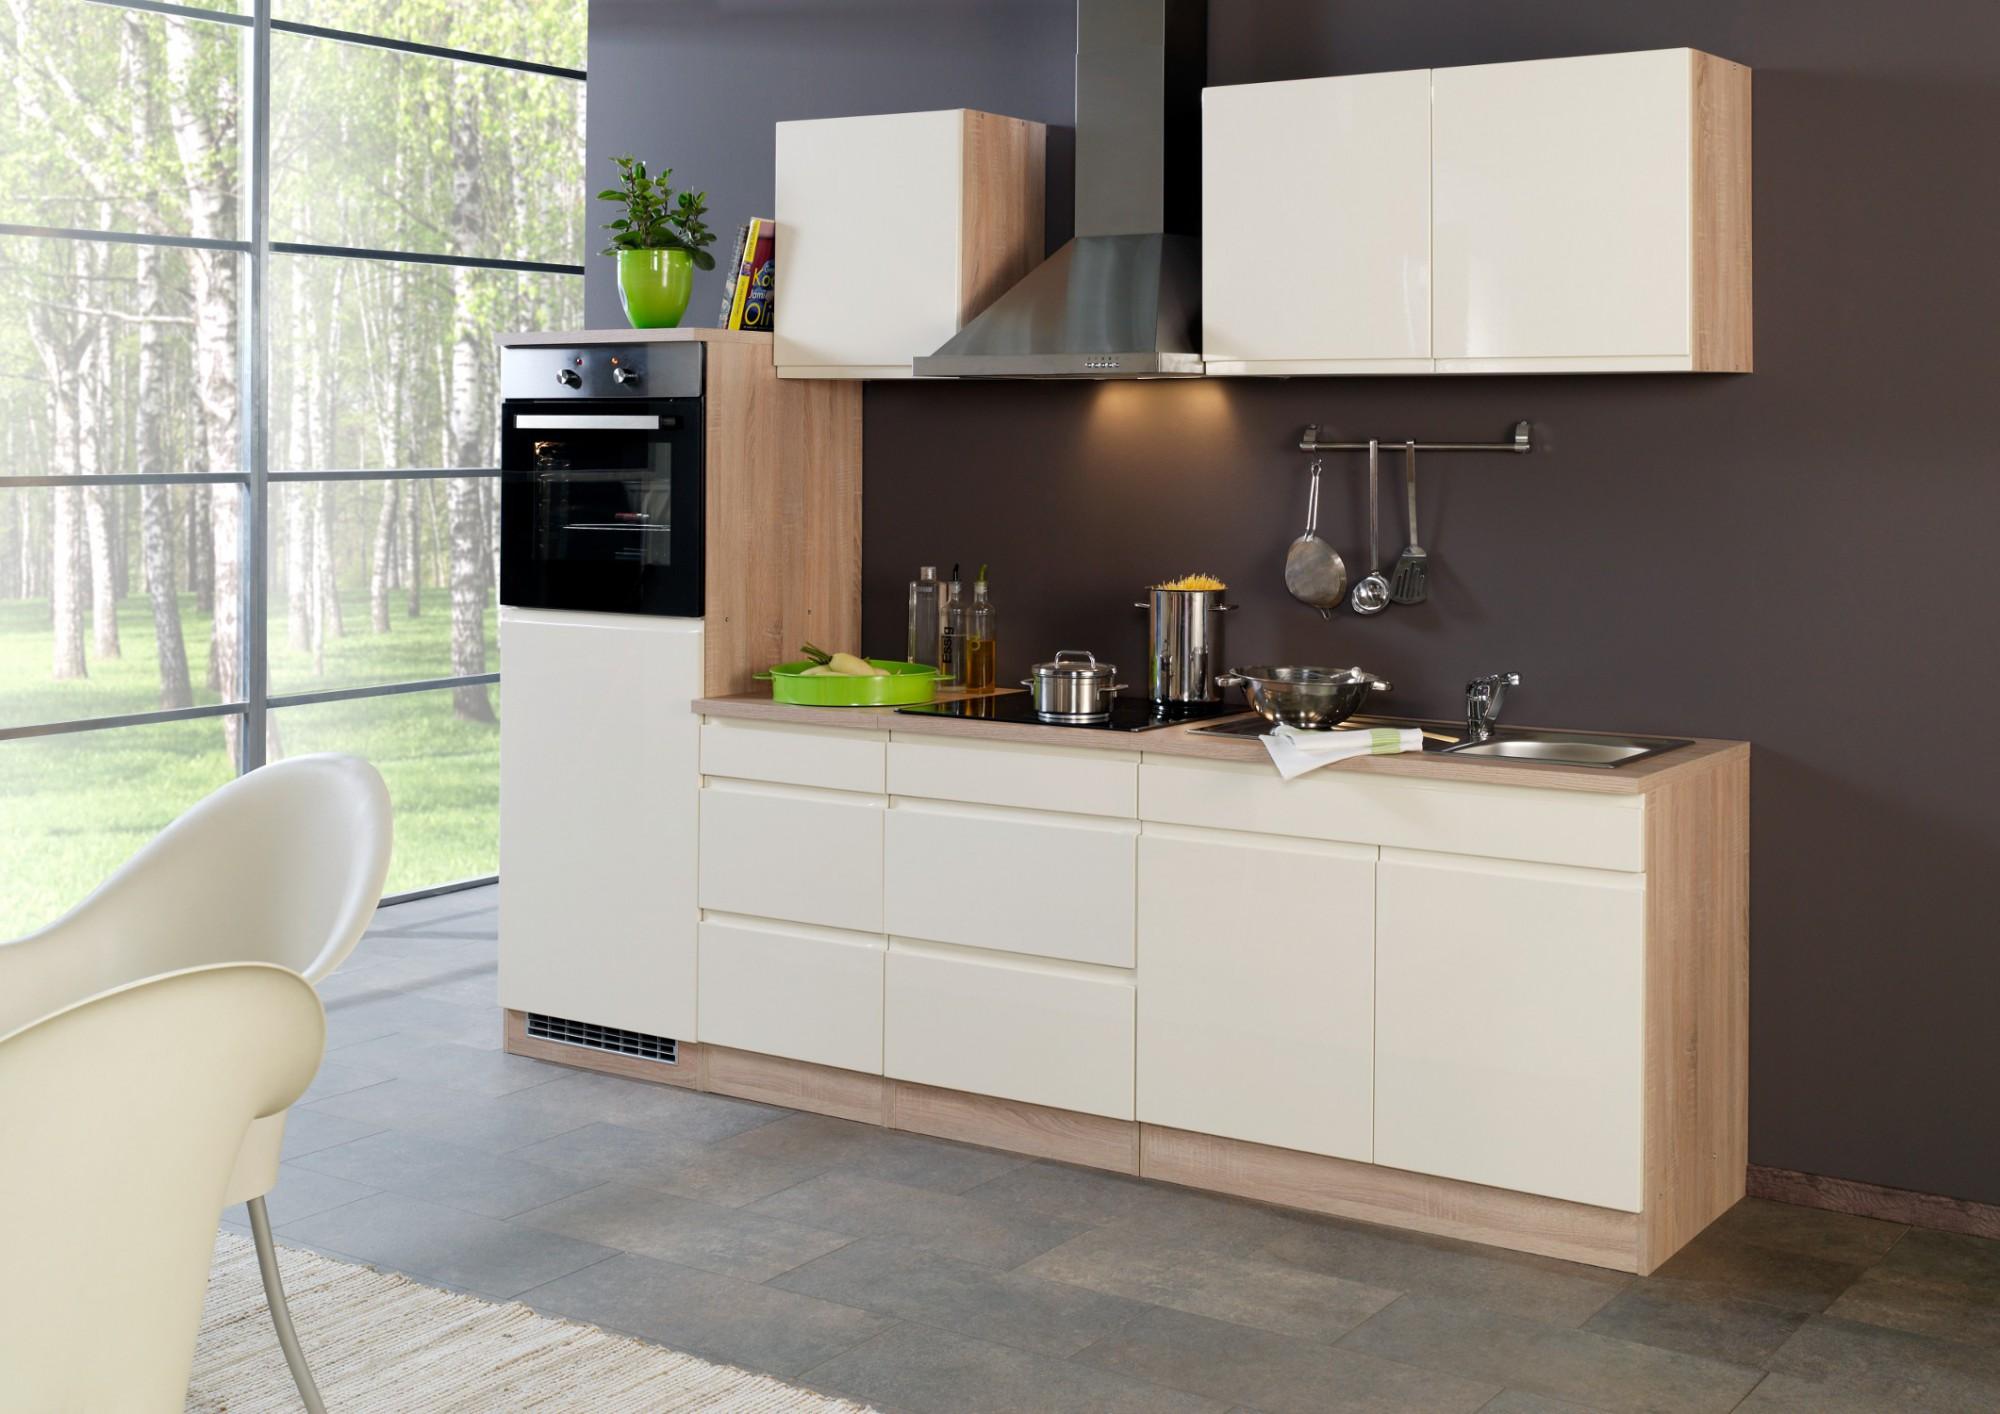 neu k chen unterschrank cardiff k chenschrank 50cm creme sonoma ebay. Black Bedroom Furniture Sets. Home Design Ideas